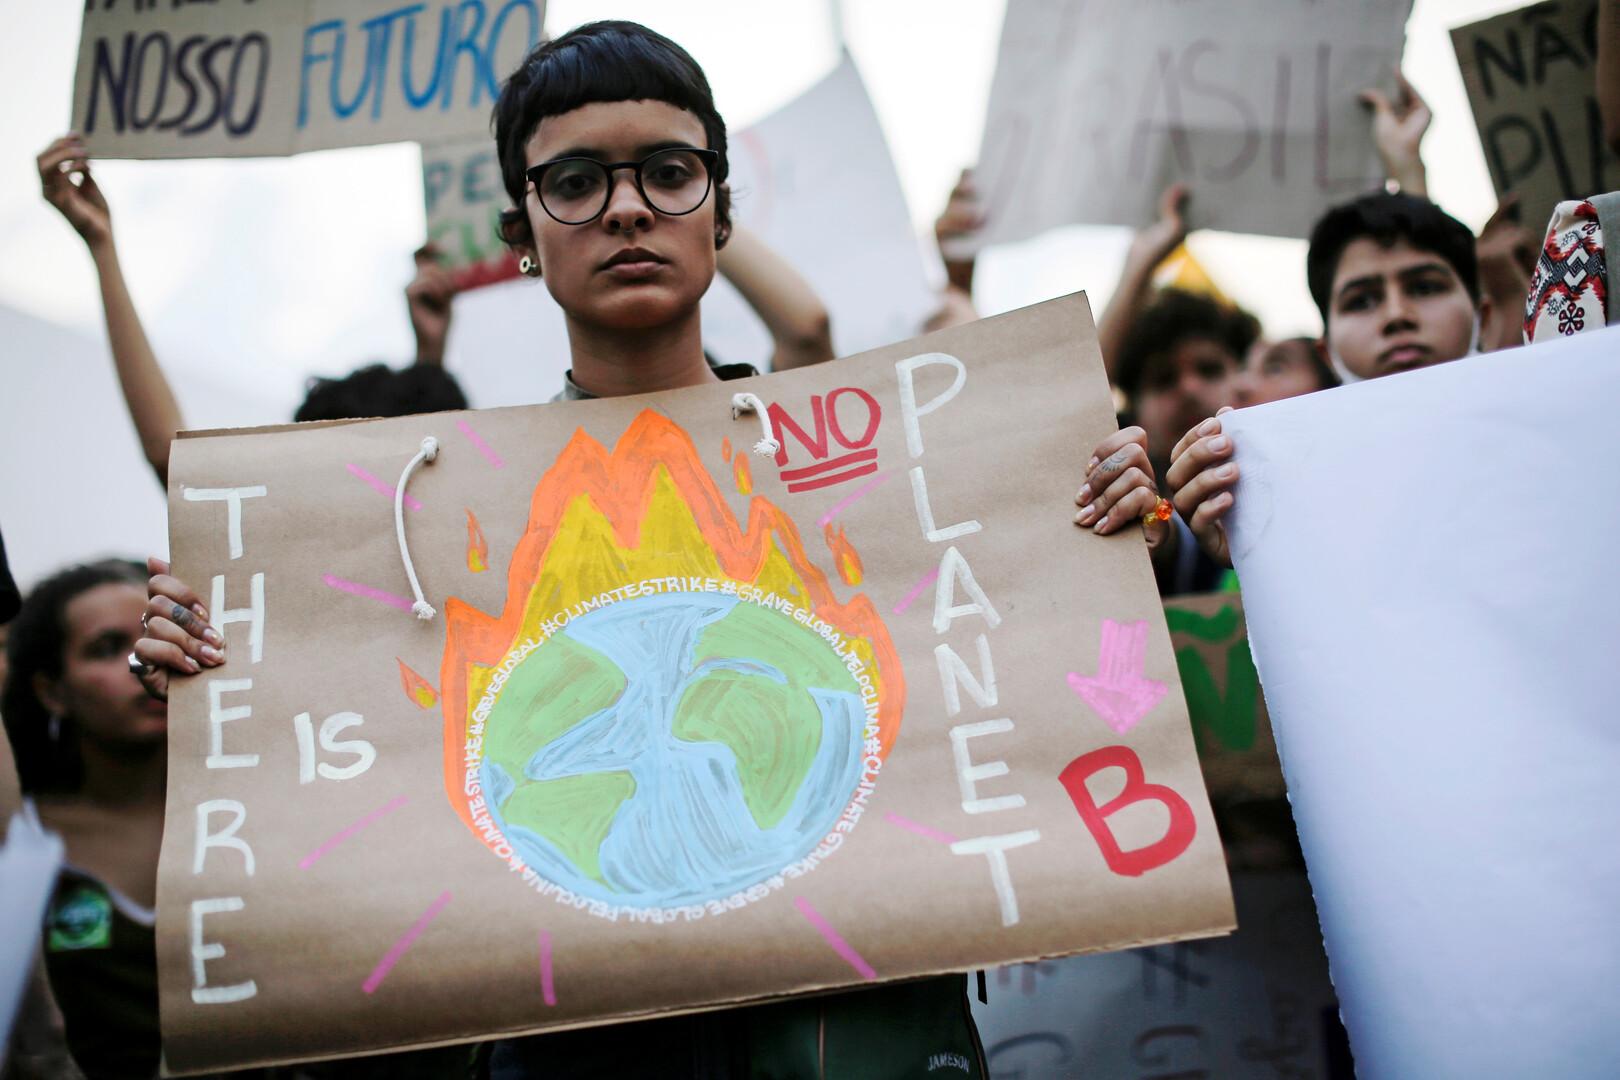 تظاهرات مليونية من أجل المناخ في مختلف أنحاء العالم